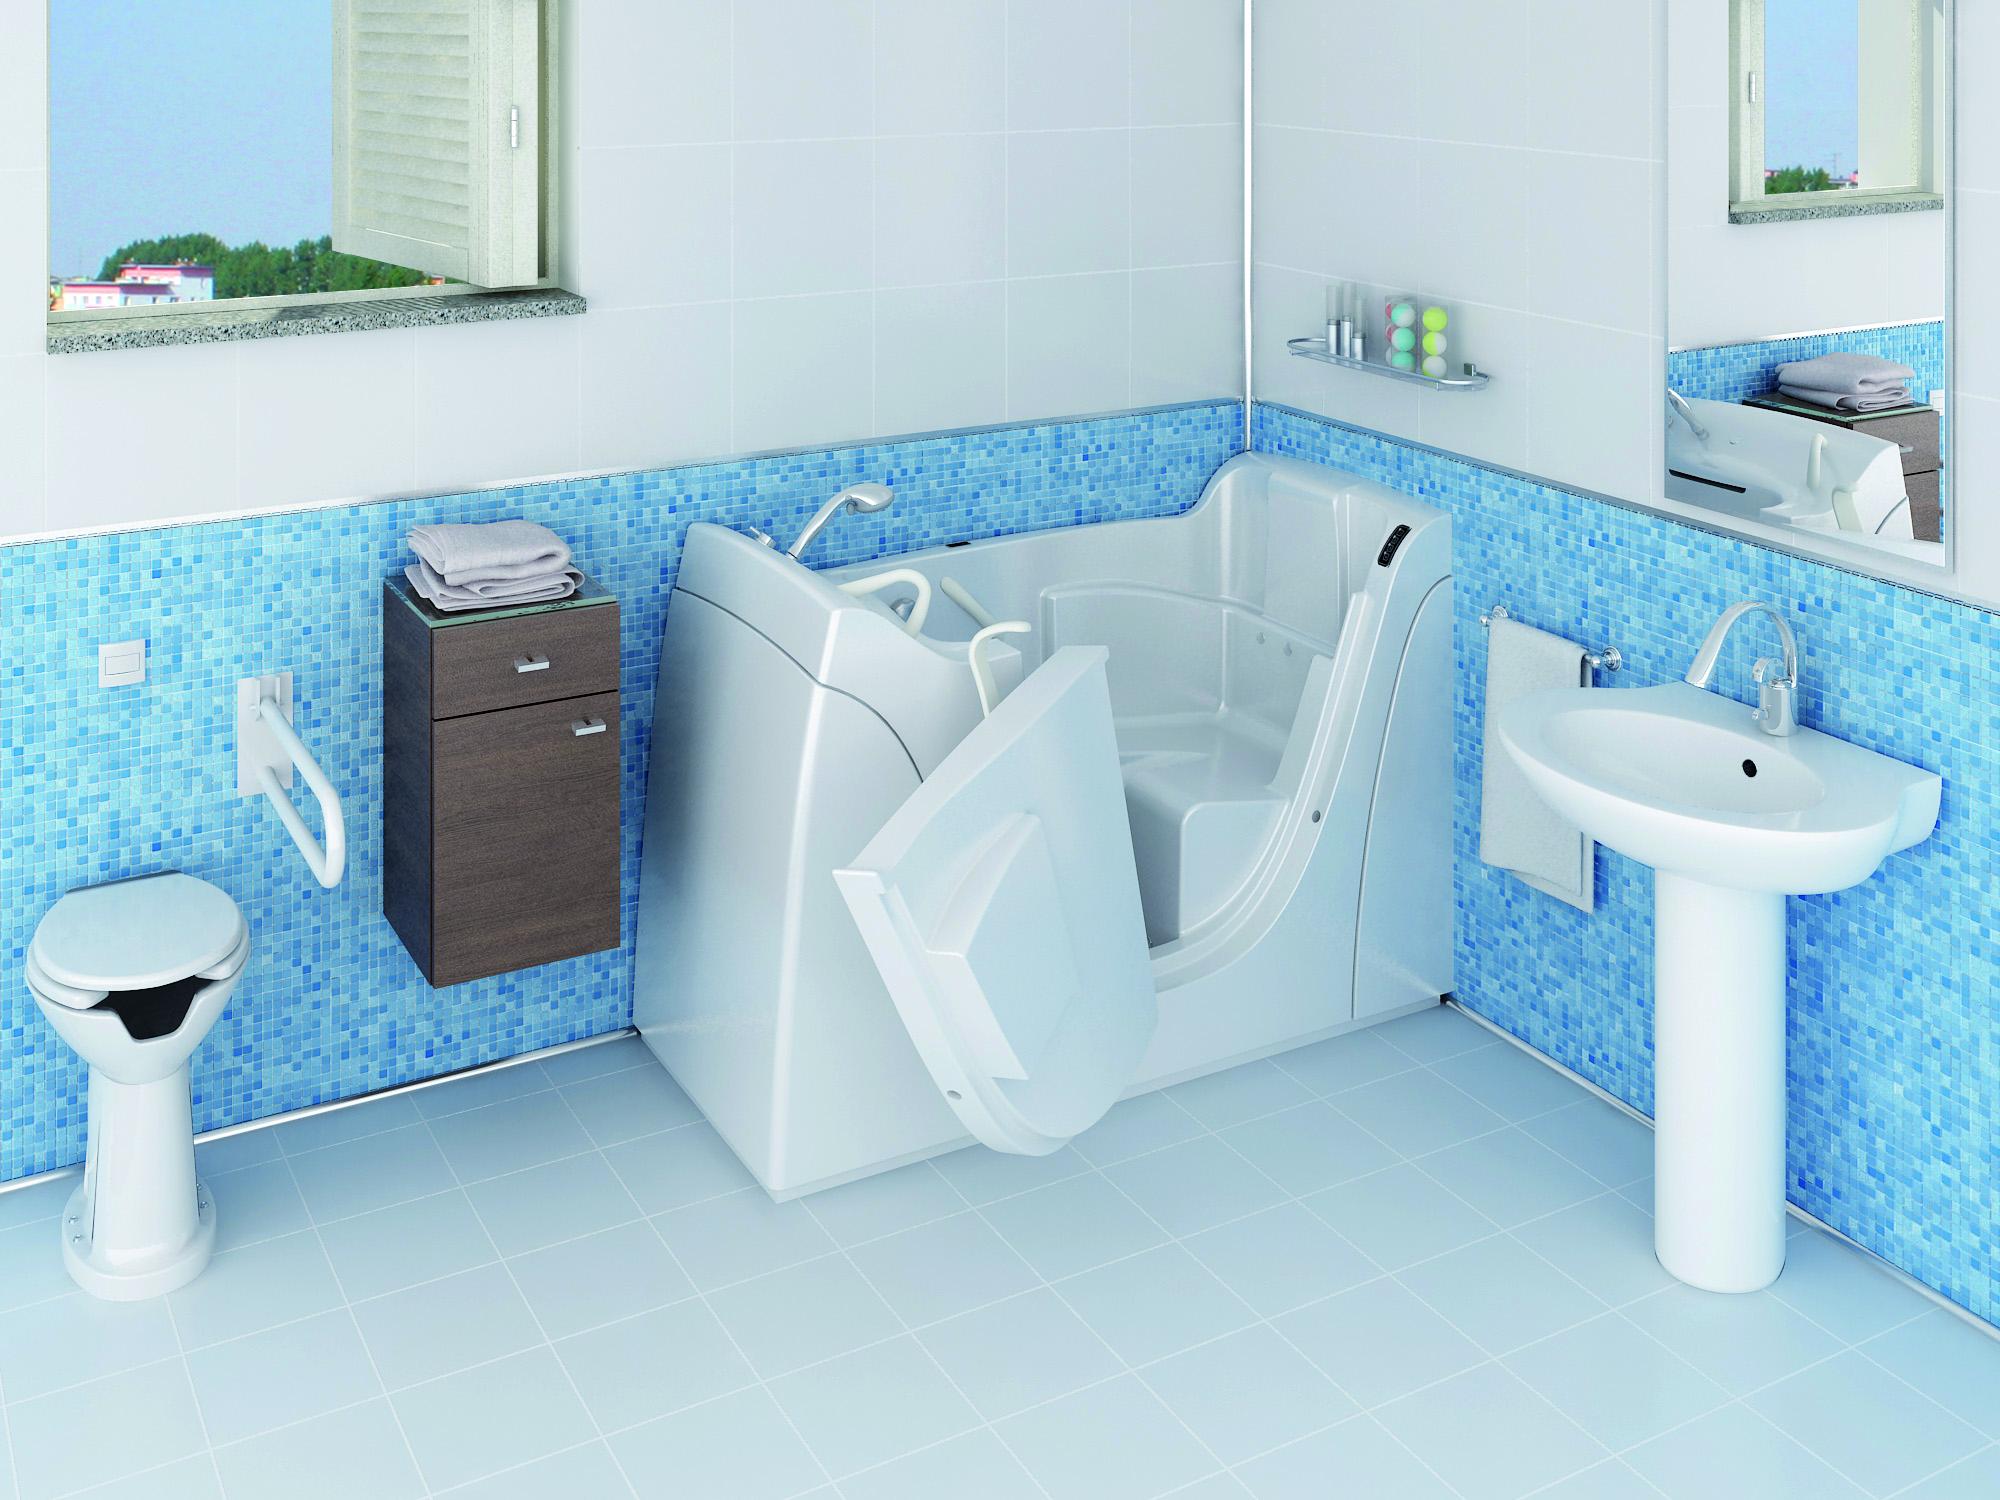 Vasche Da Bagno Angolari Con Sportello : Vasca angolare bagno mobili e accessori per la casa kijiji